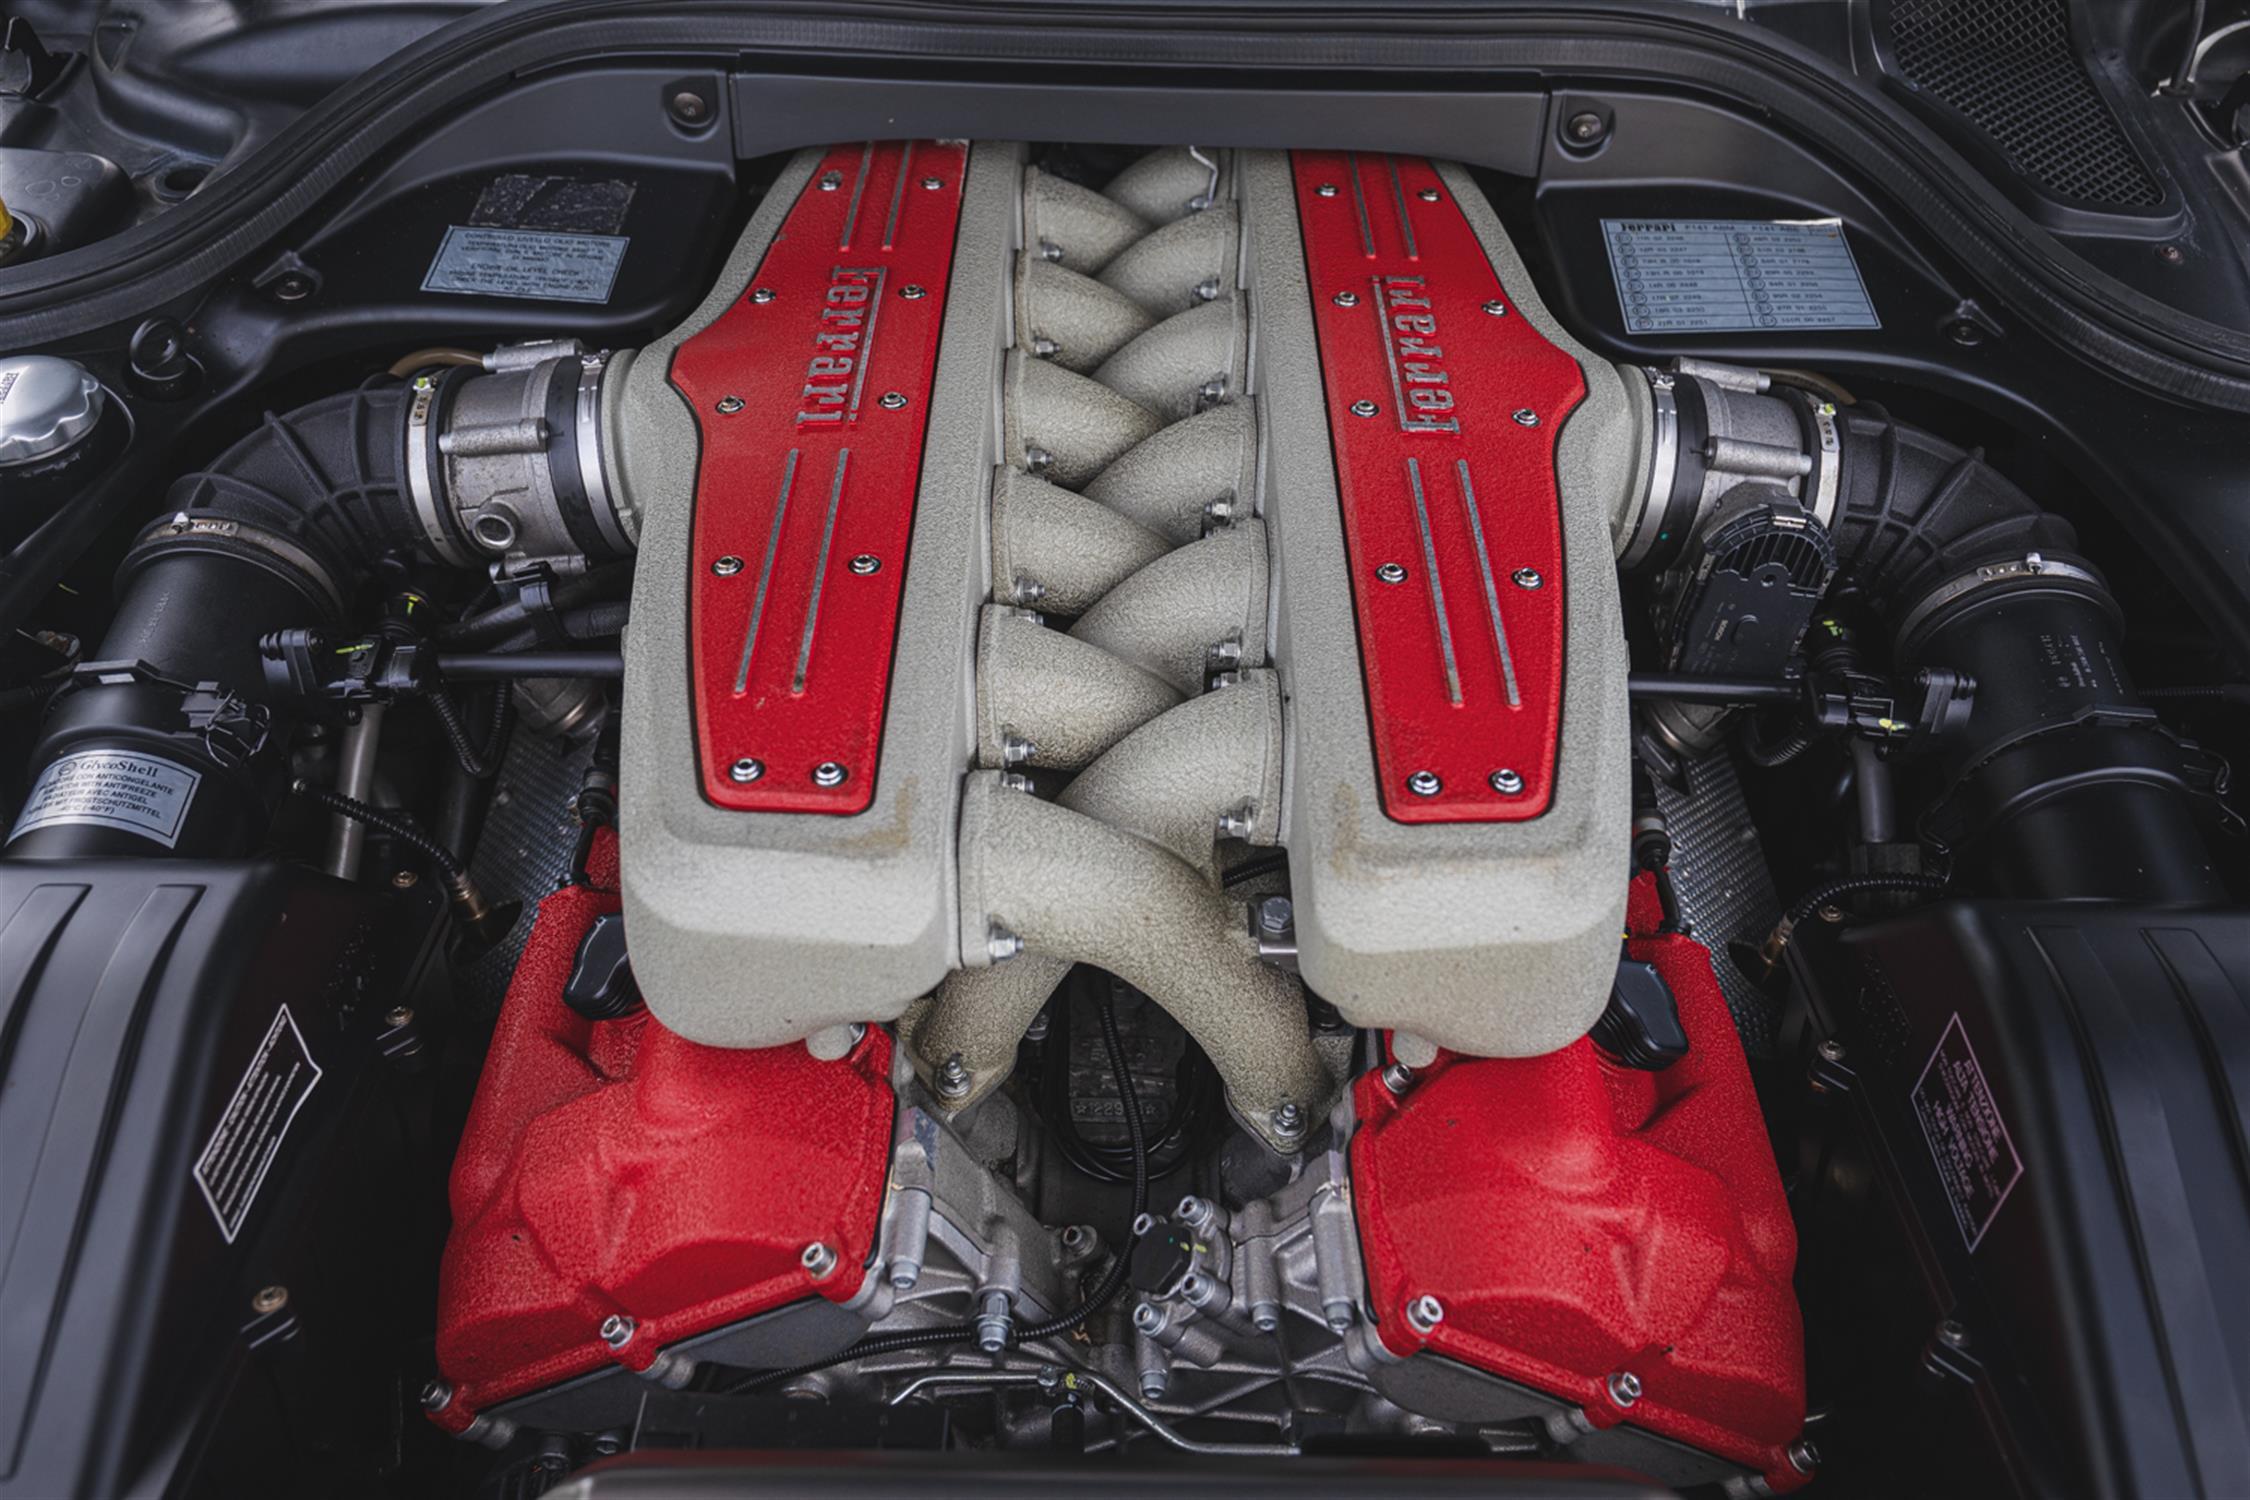 2007 Ferrari 599 GTB Fiorano F1 - Image 3 of 11